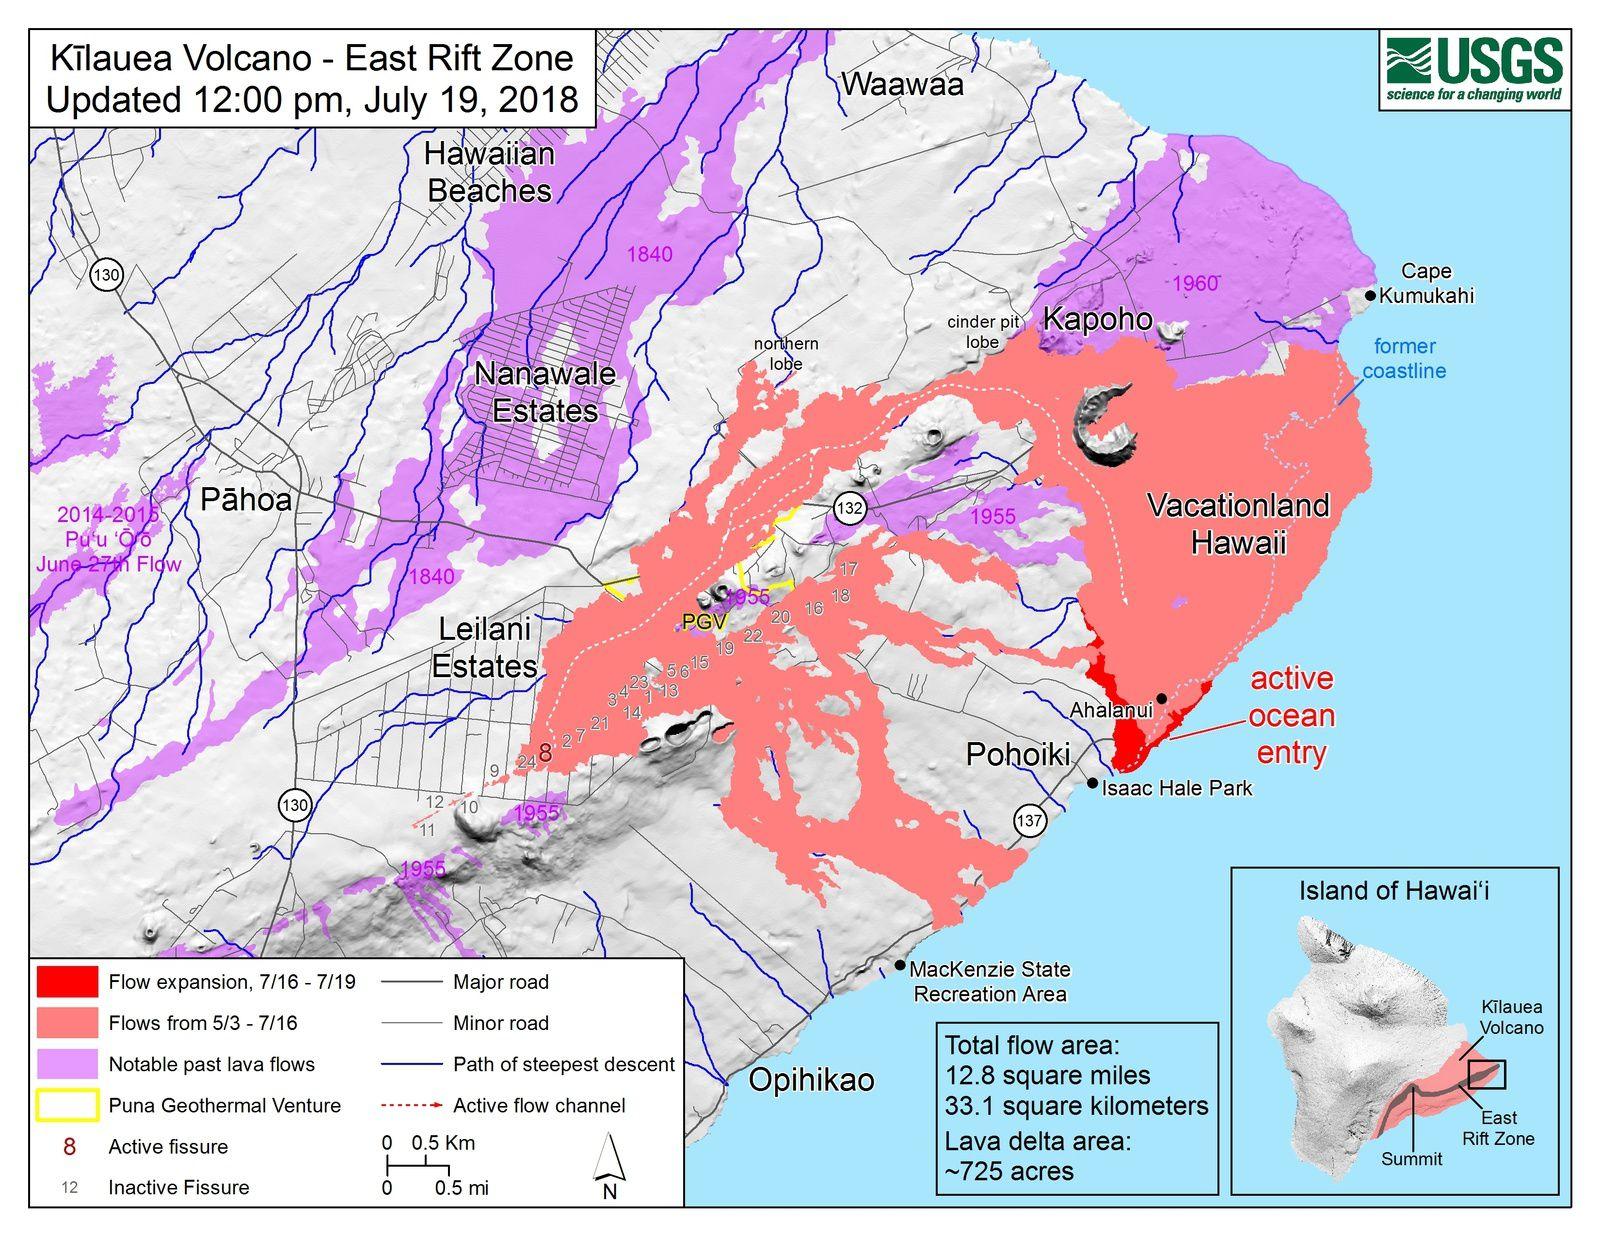 Kilauea zone de rift Est  - carte de la coulée de la fissure 8 et entrées en mer -  Doc.HVO-USGS